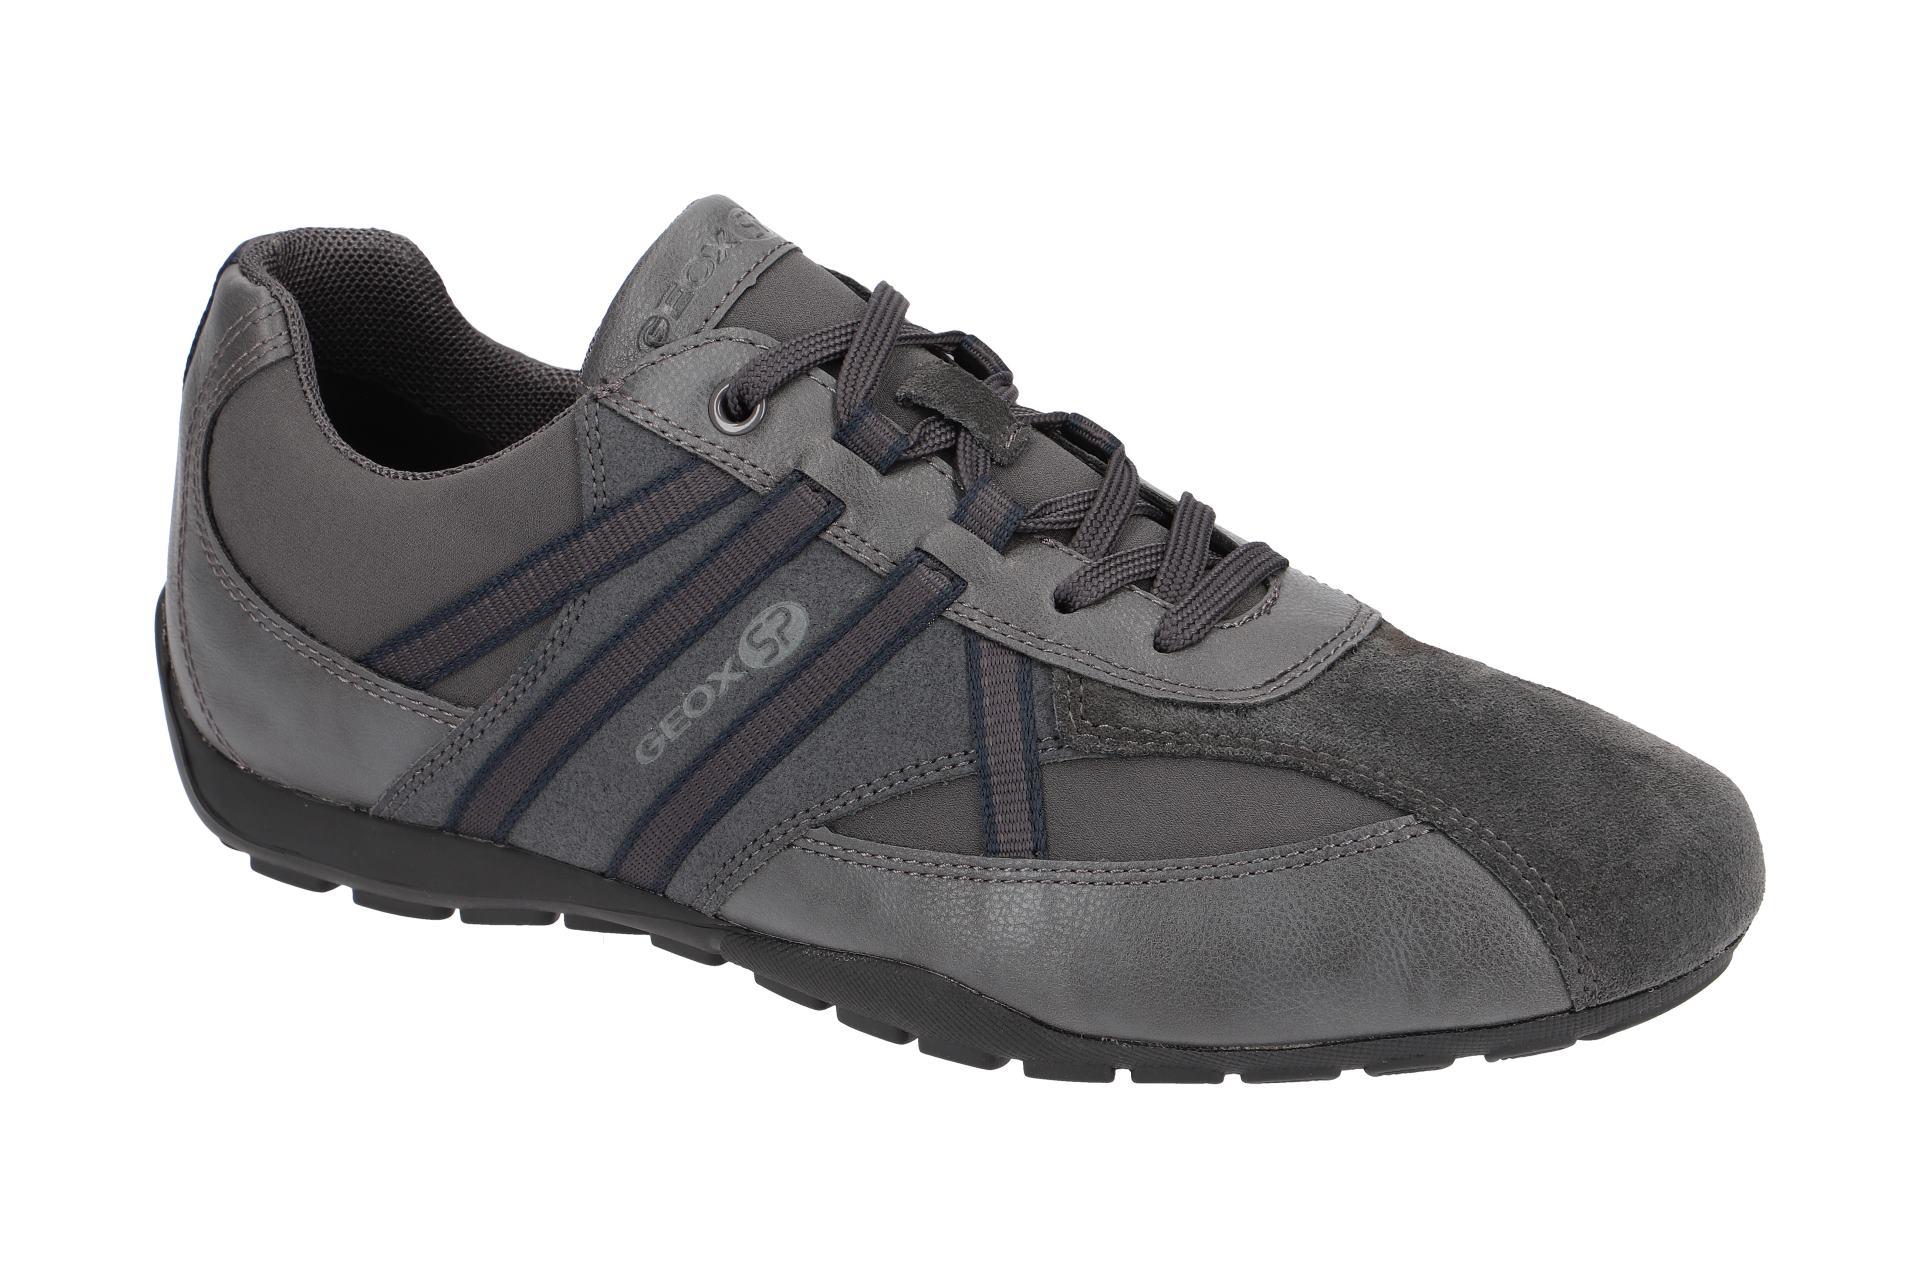 Grau Geox Shop Sneaker Strauch Herren Schuhe Ravex Schuhhaus uKJlcTF13